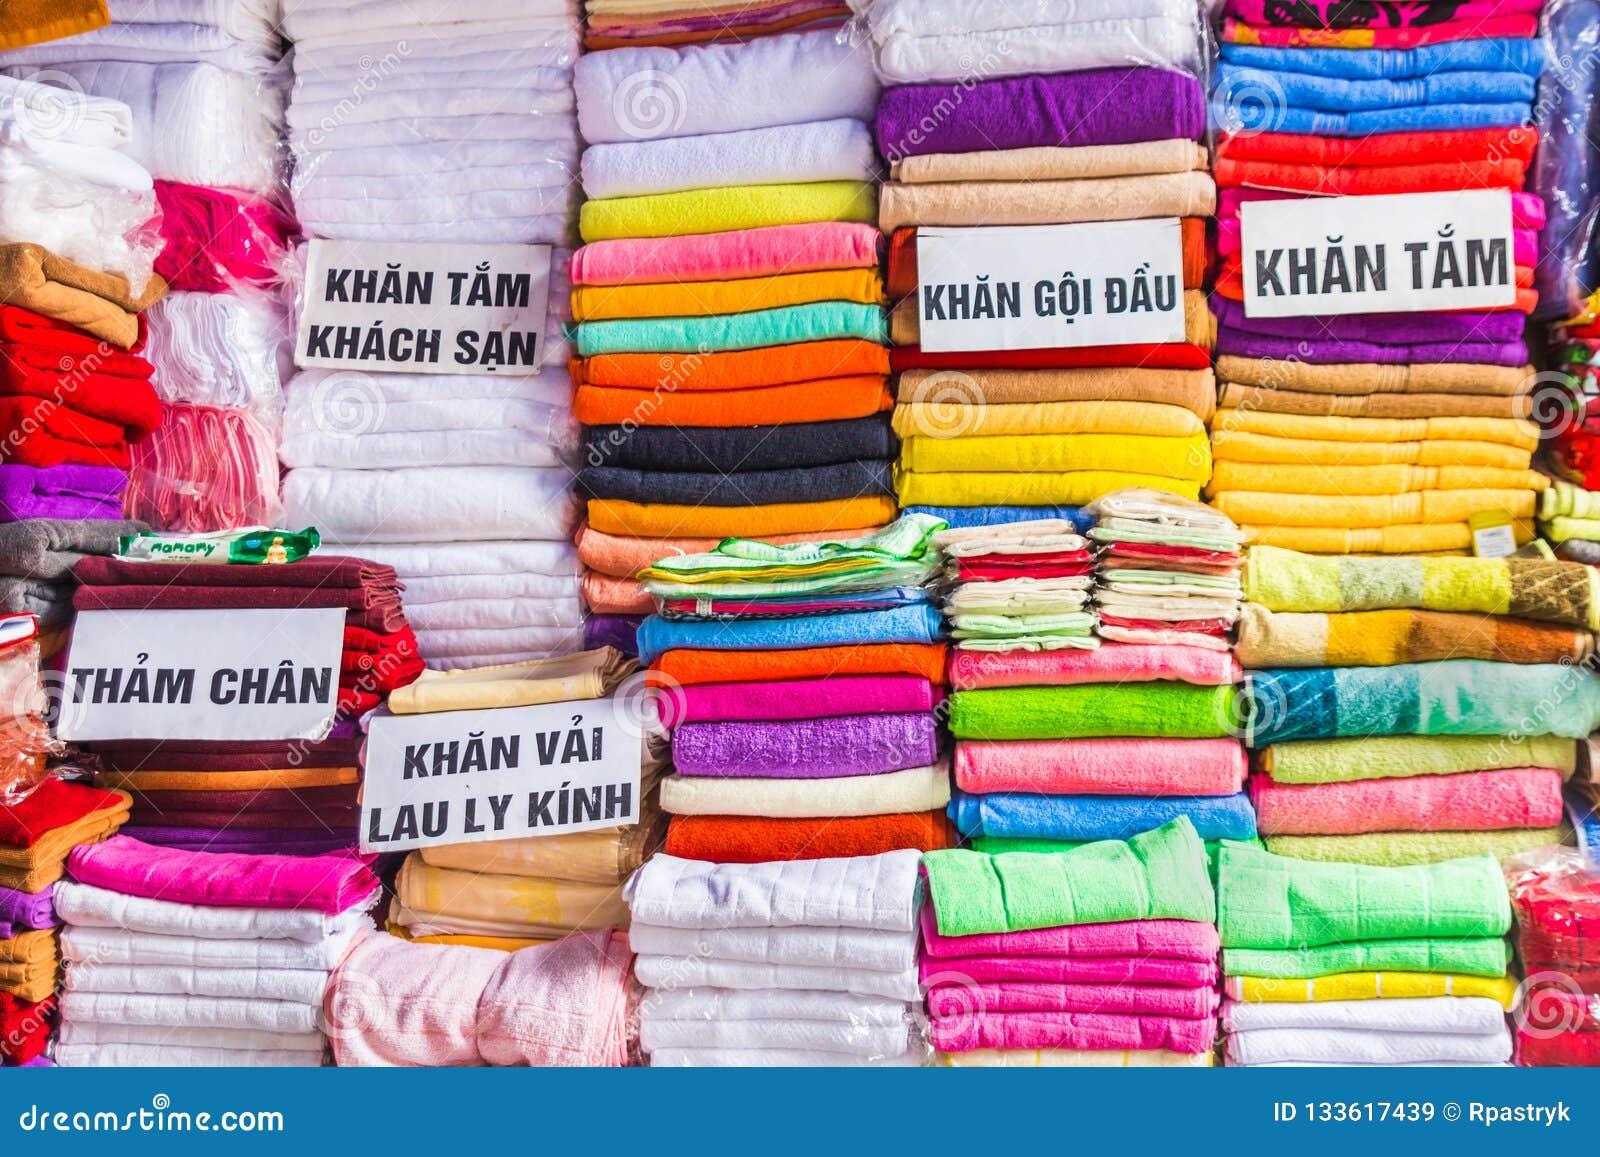 Ręczniki na bazarze w Hanoi, Wietnam